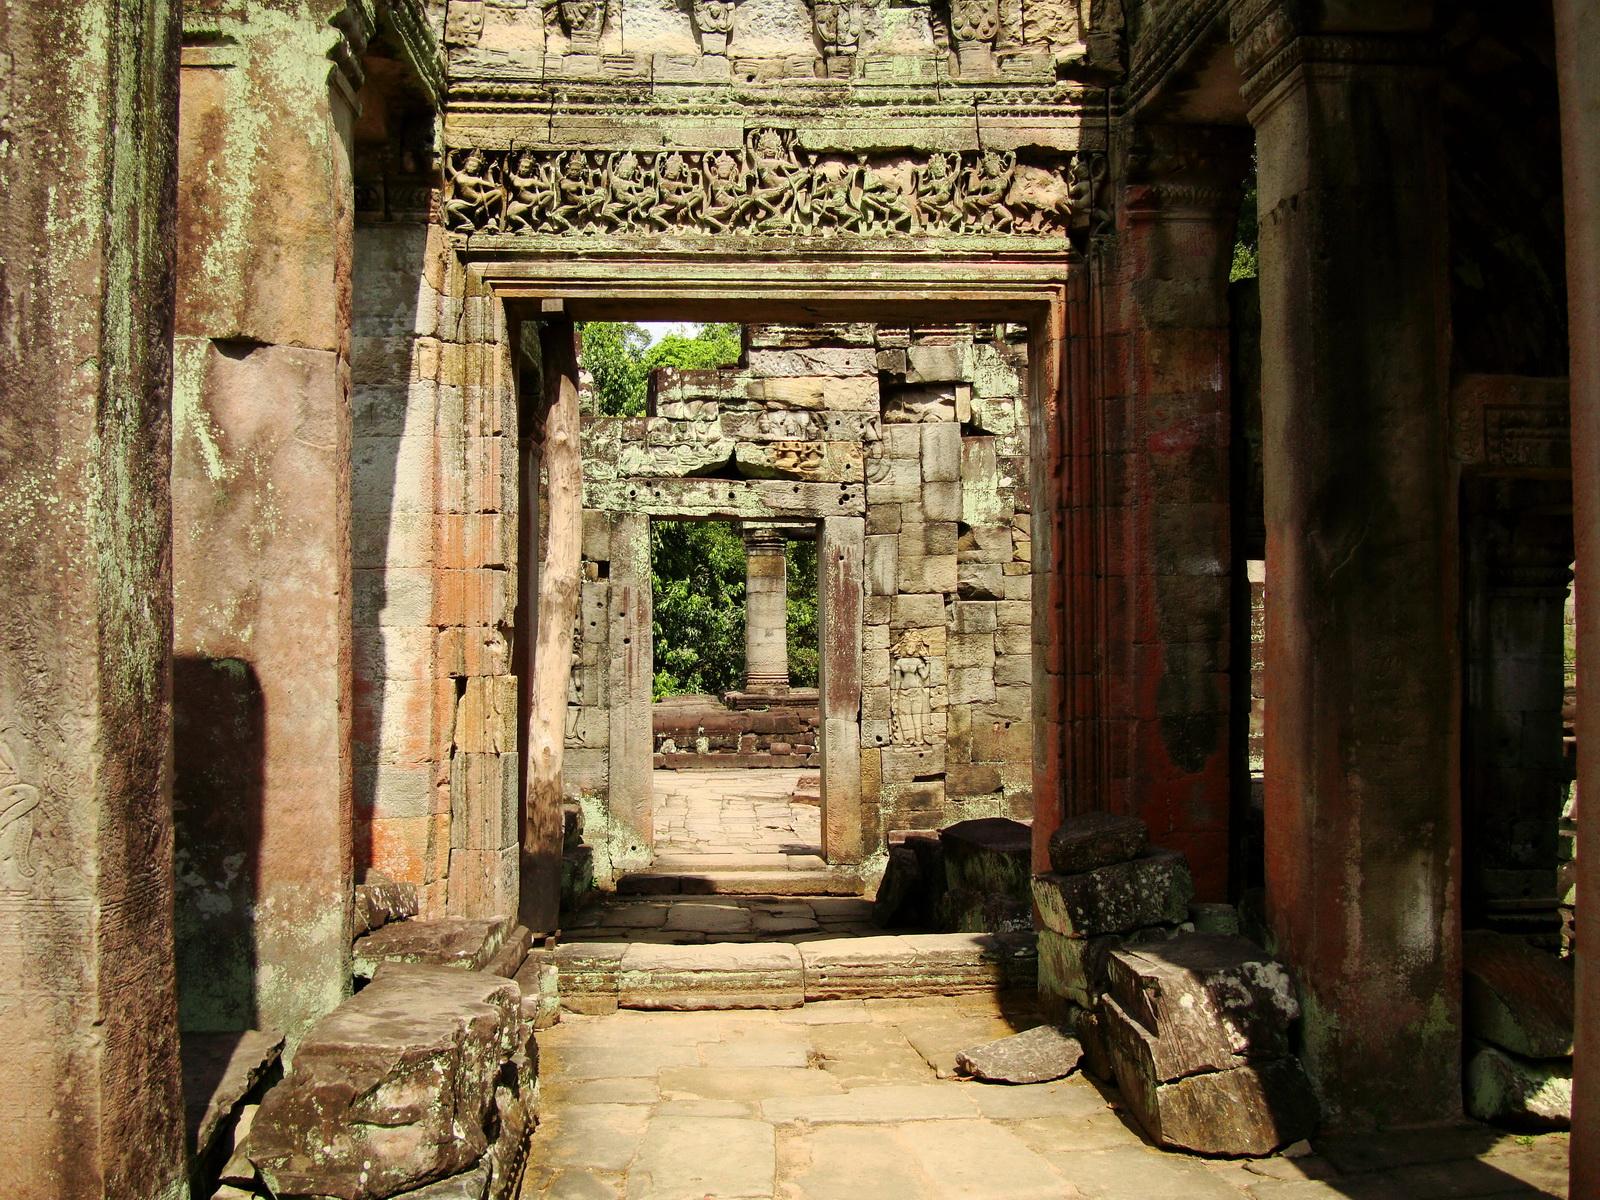 Preah Khan Temple Bas relief dancing Apsaras hall of dancers 03